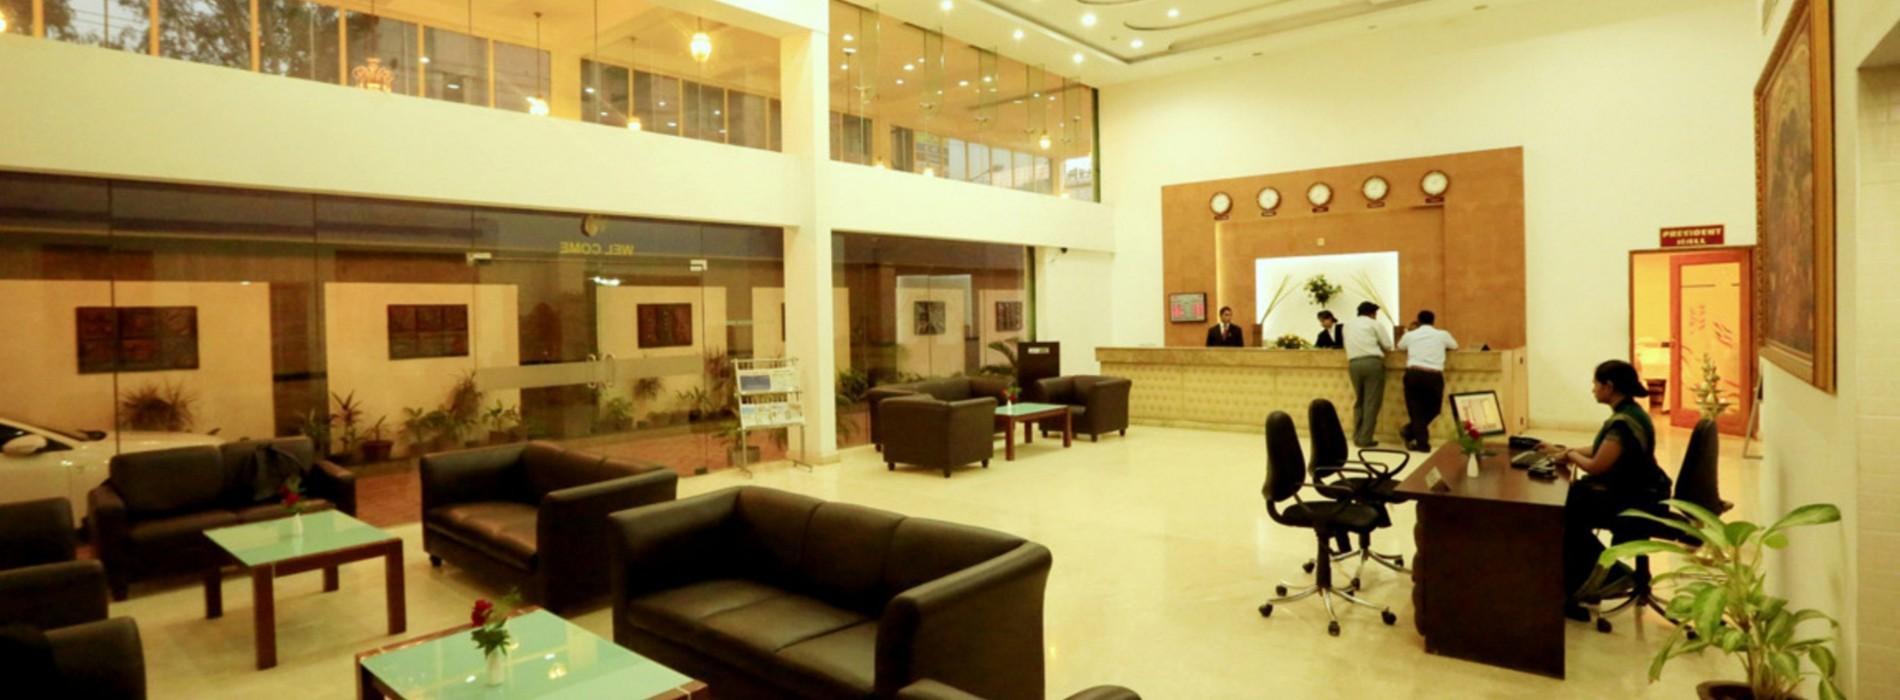 The Fern Residency opens in Yeshwanthpur